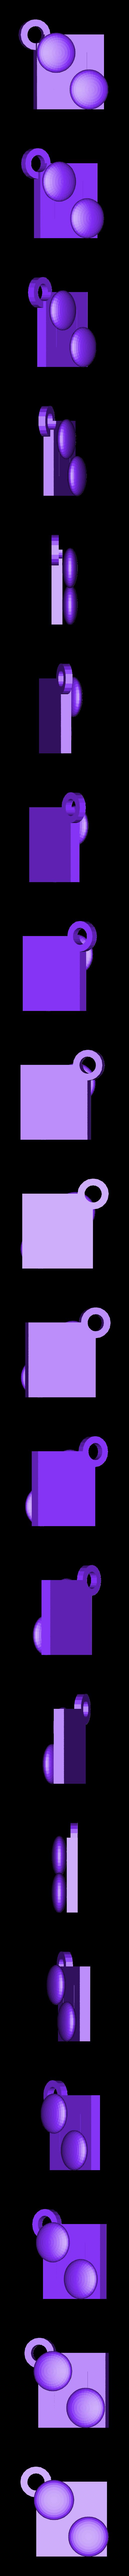 GobanKeychain-StoneRealSize.stl Download free STL file Goban Keychain - BiggerStones • 3D printable design, Dr4l3g